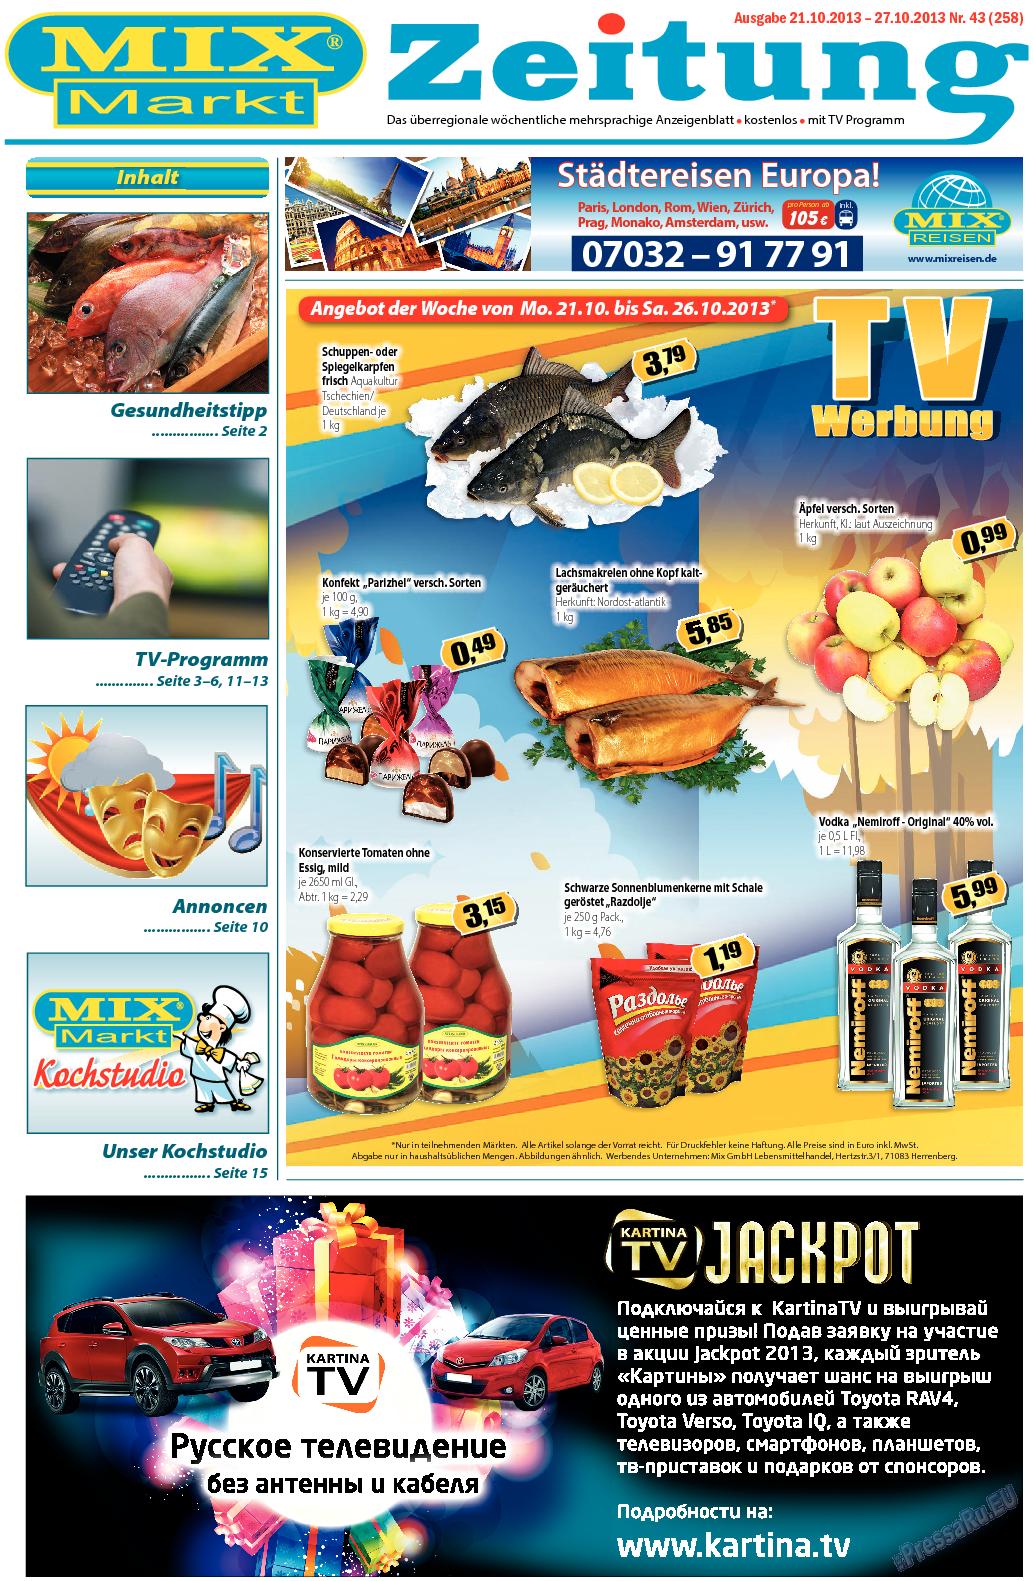 MIX-Markt Zeitung (газета). 2013 год, номер 43, стр. 1